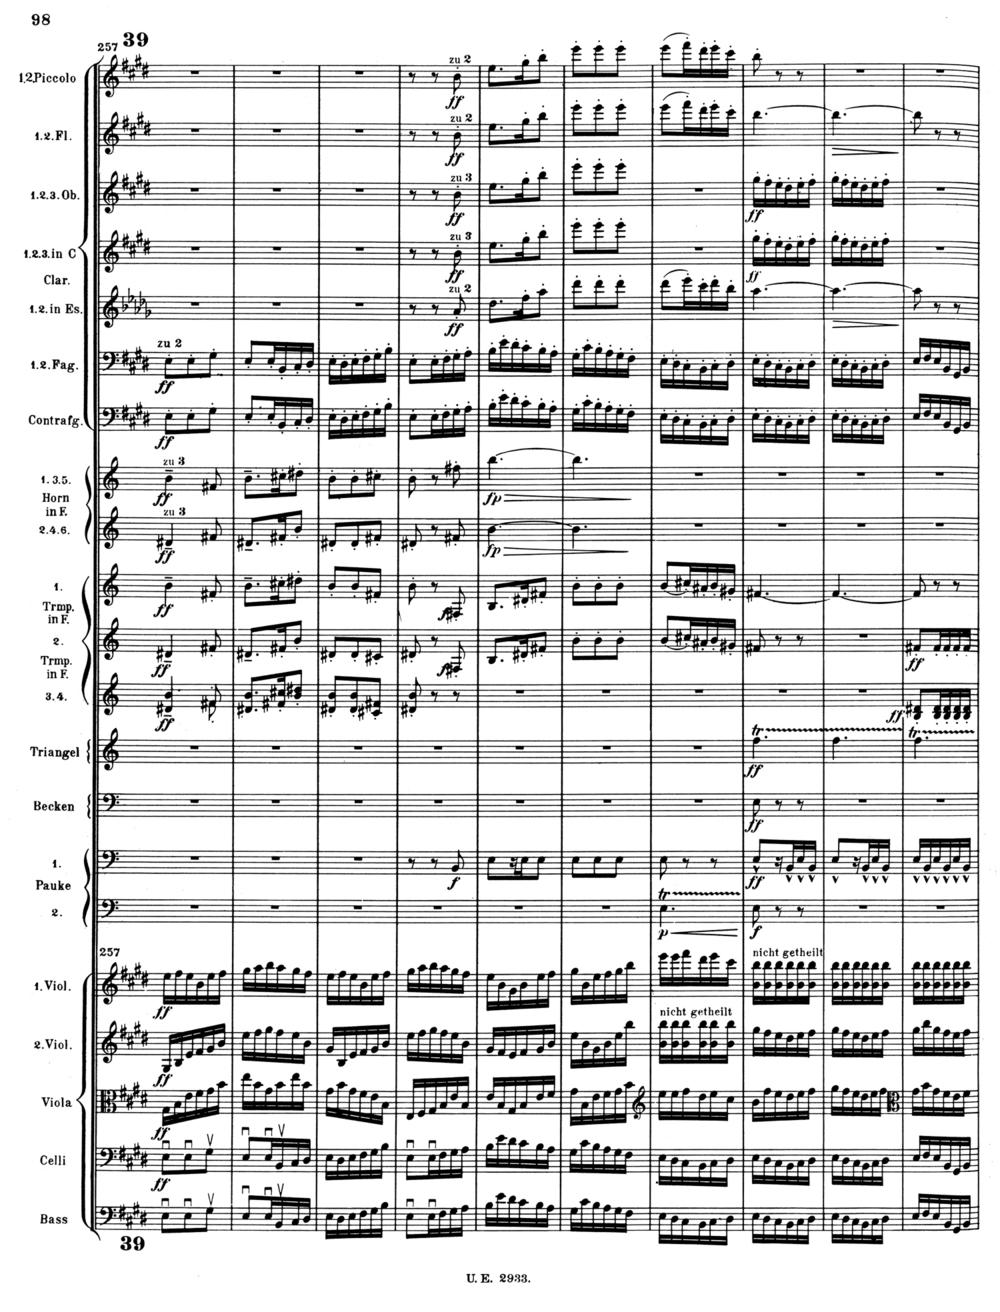 Mahler 2 Score 5.jpg